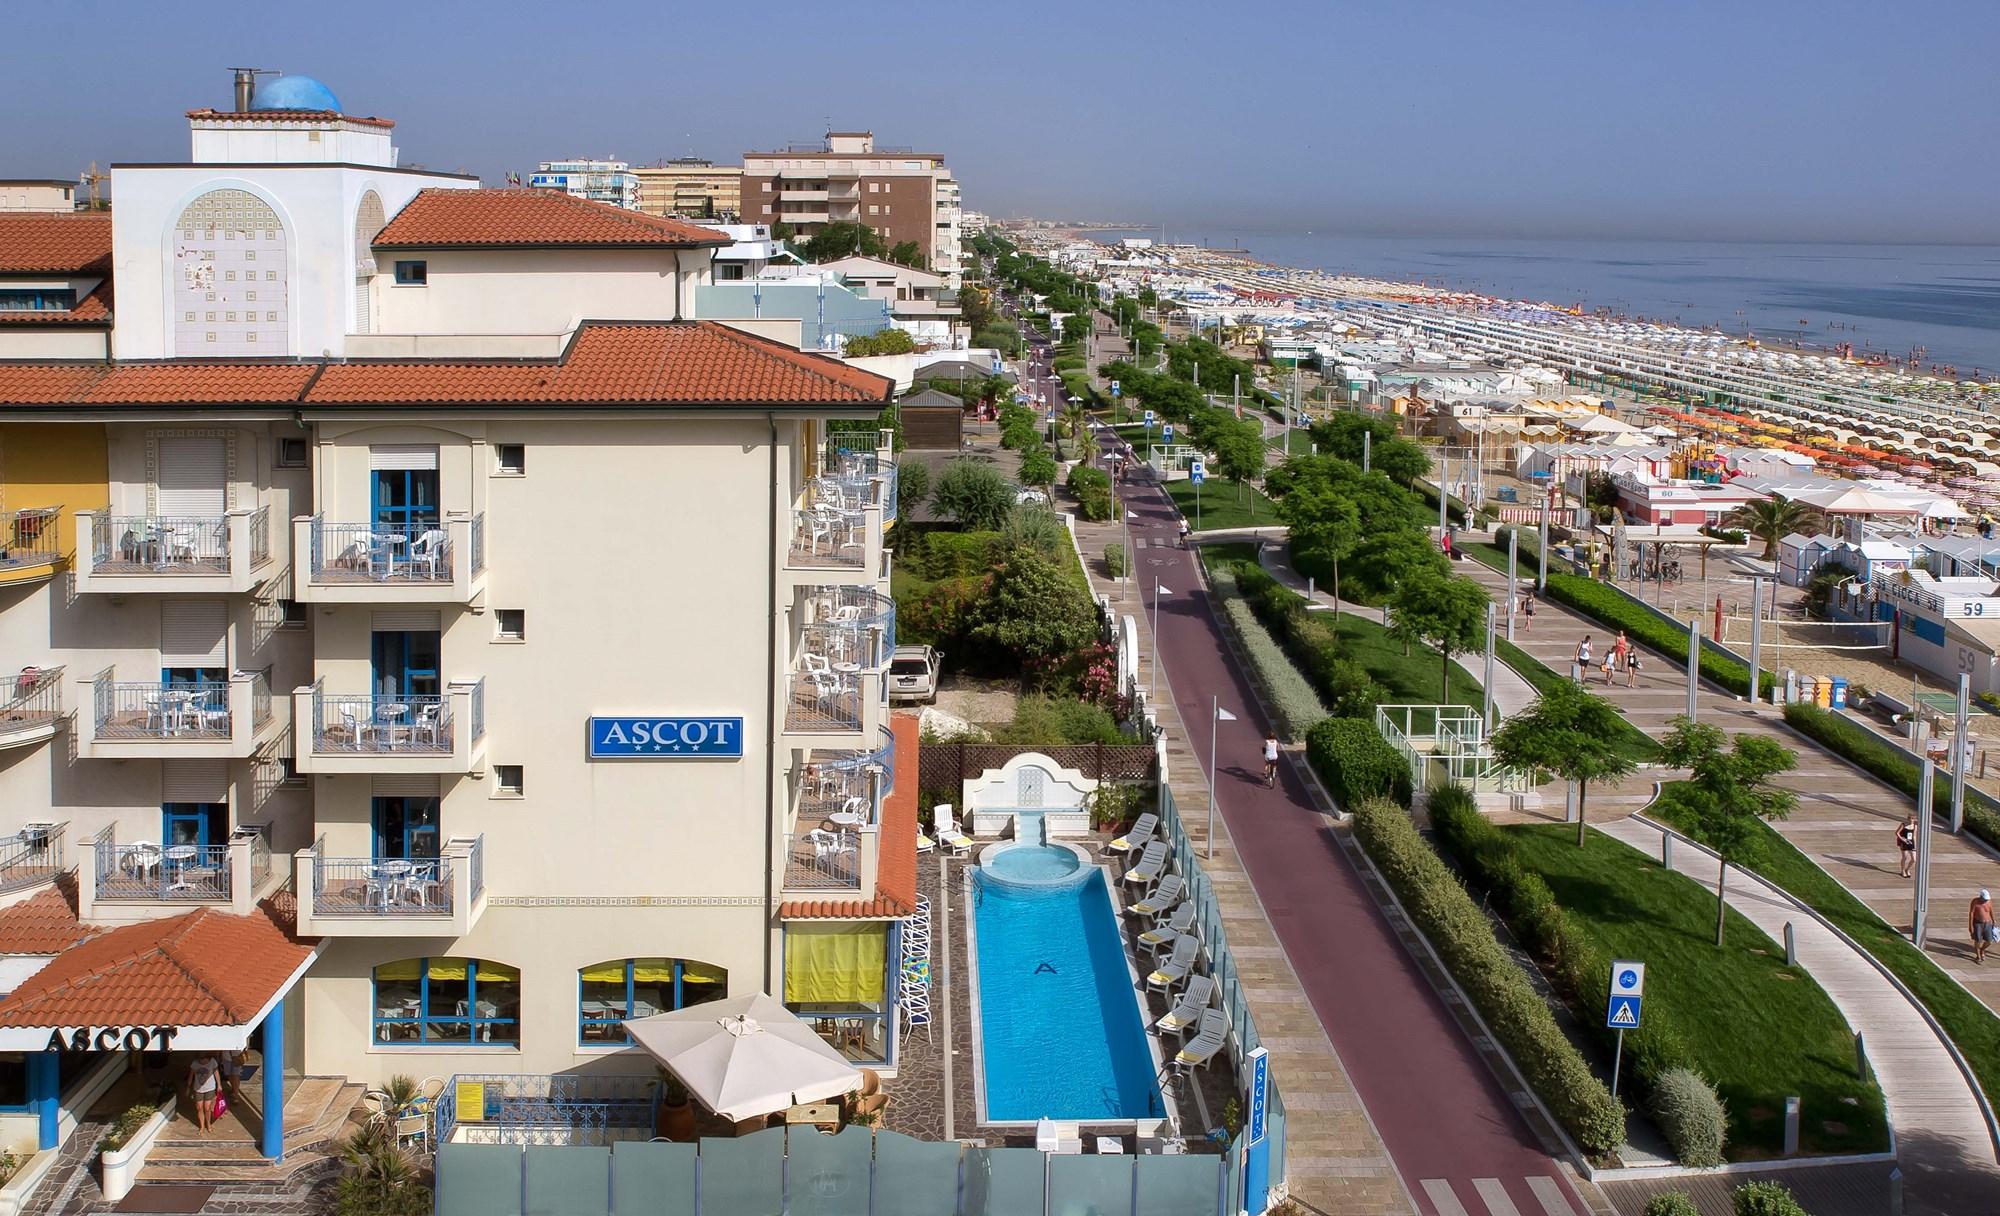 Sconti per hotel ascot riccione riviera romagnola - Residence riccione con piscina ...